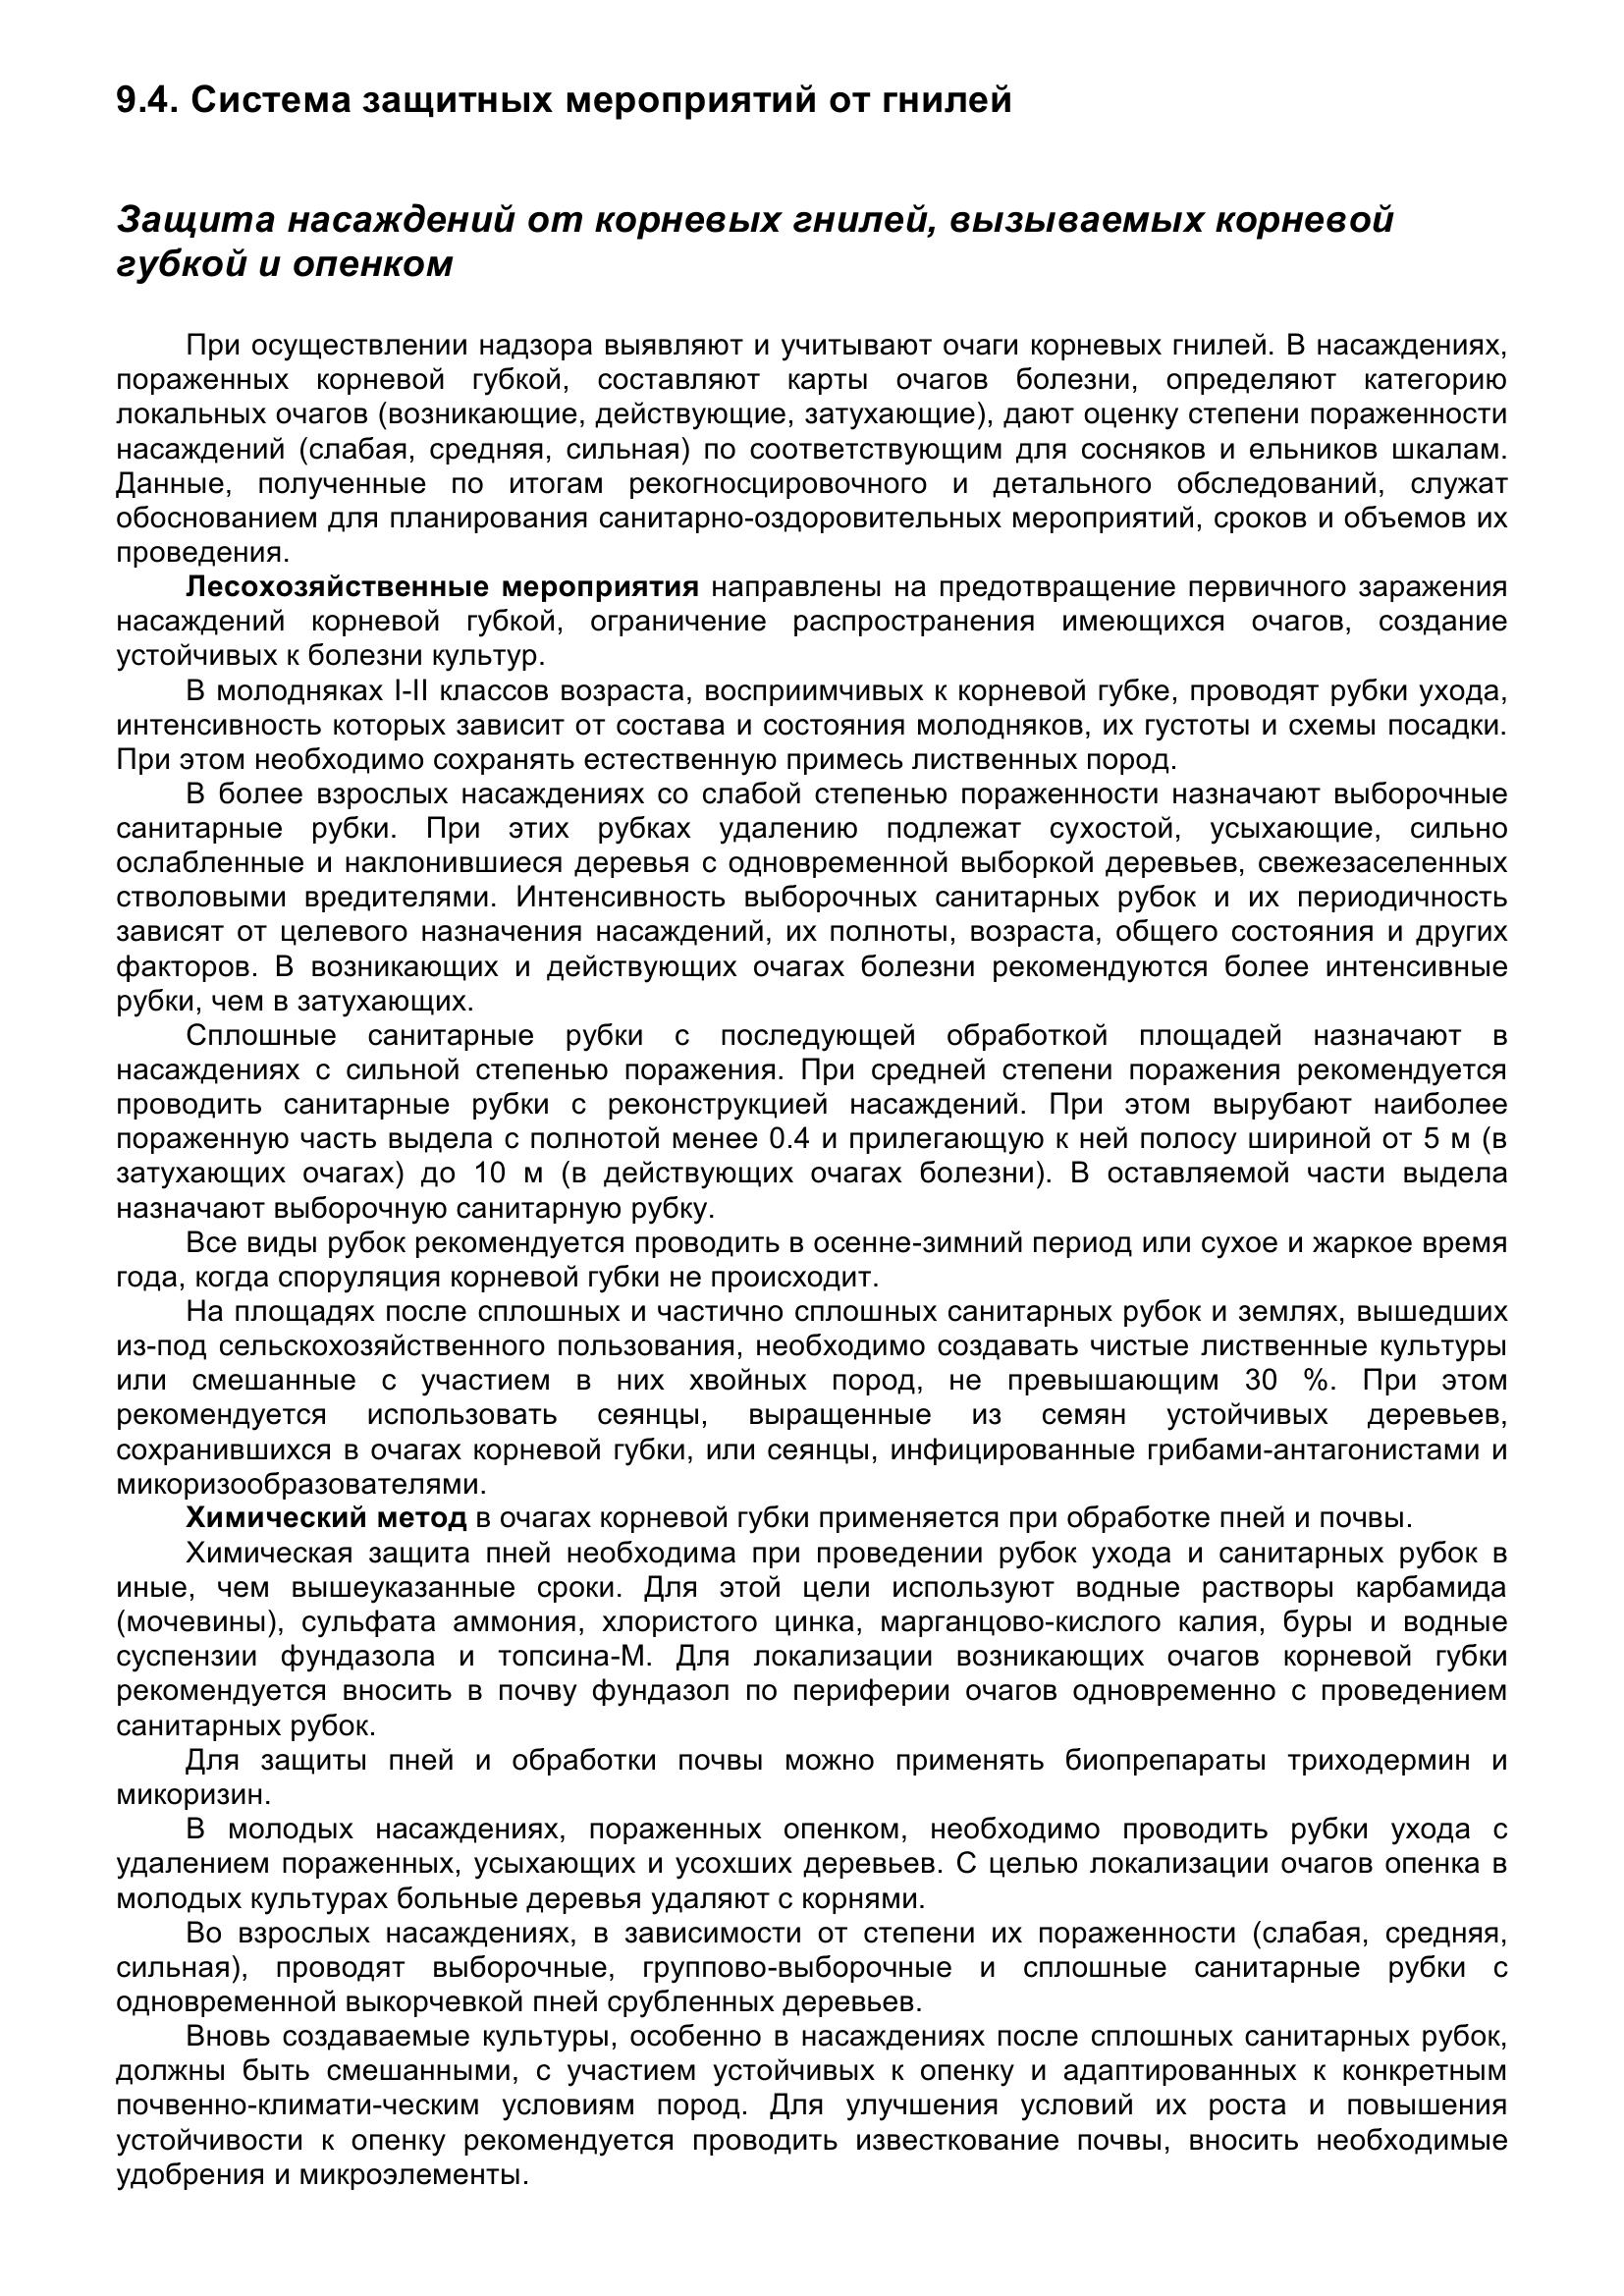 Болезни_древесных_растений_107.jpg